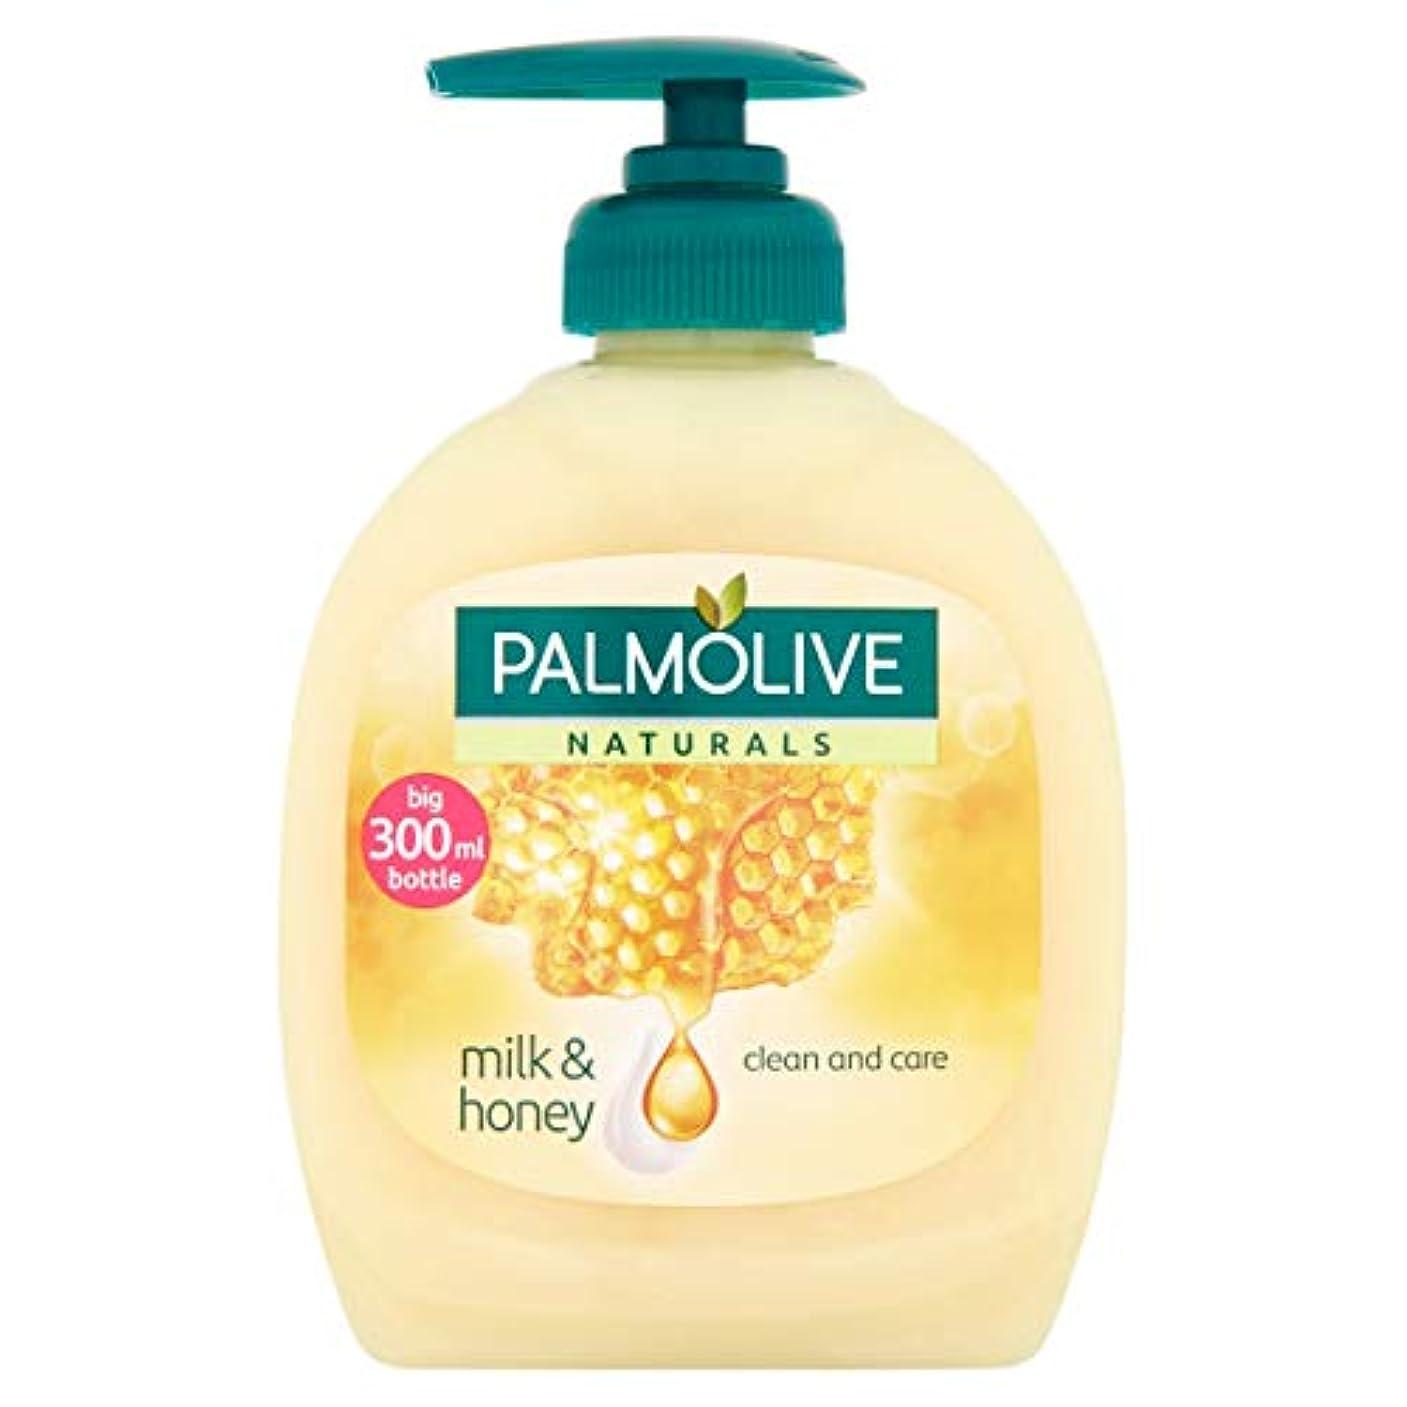 たらい風刺統合するPalmolive Naturals Milk & Honey Liquid Handwash by Palmolive